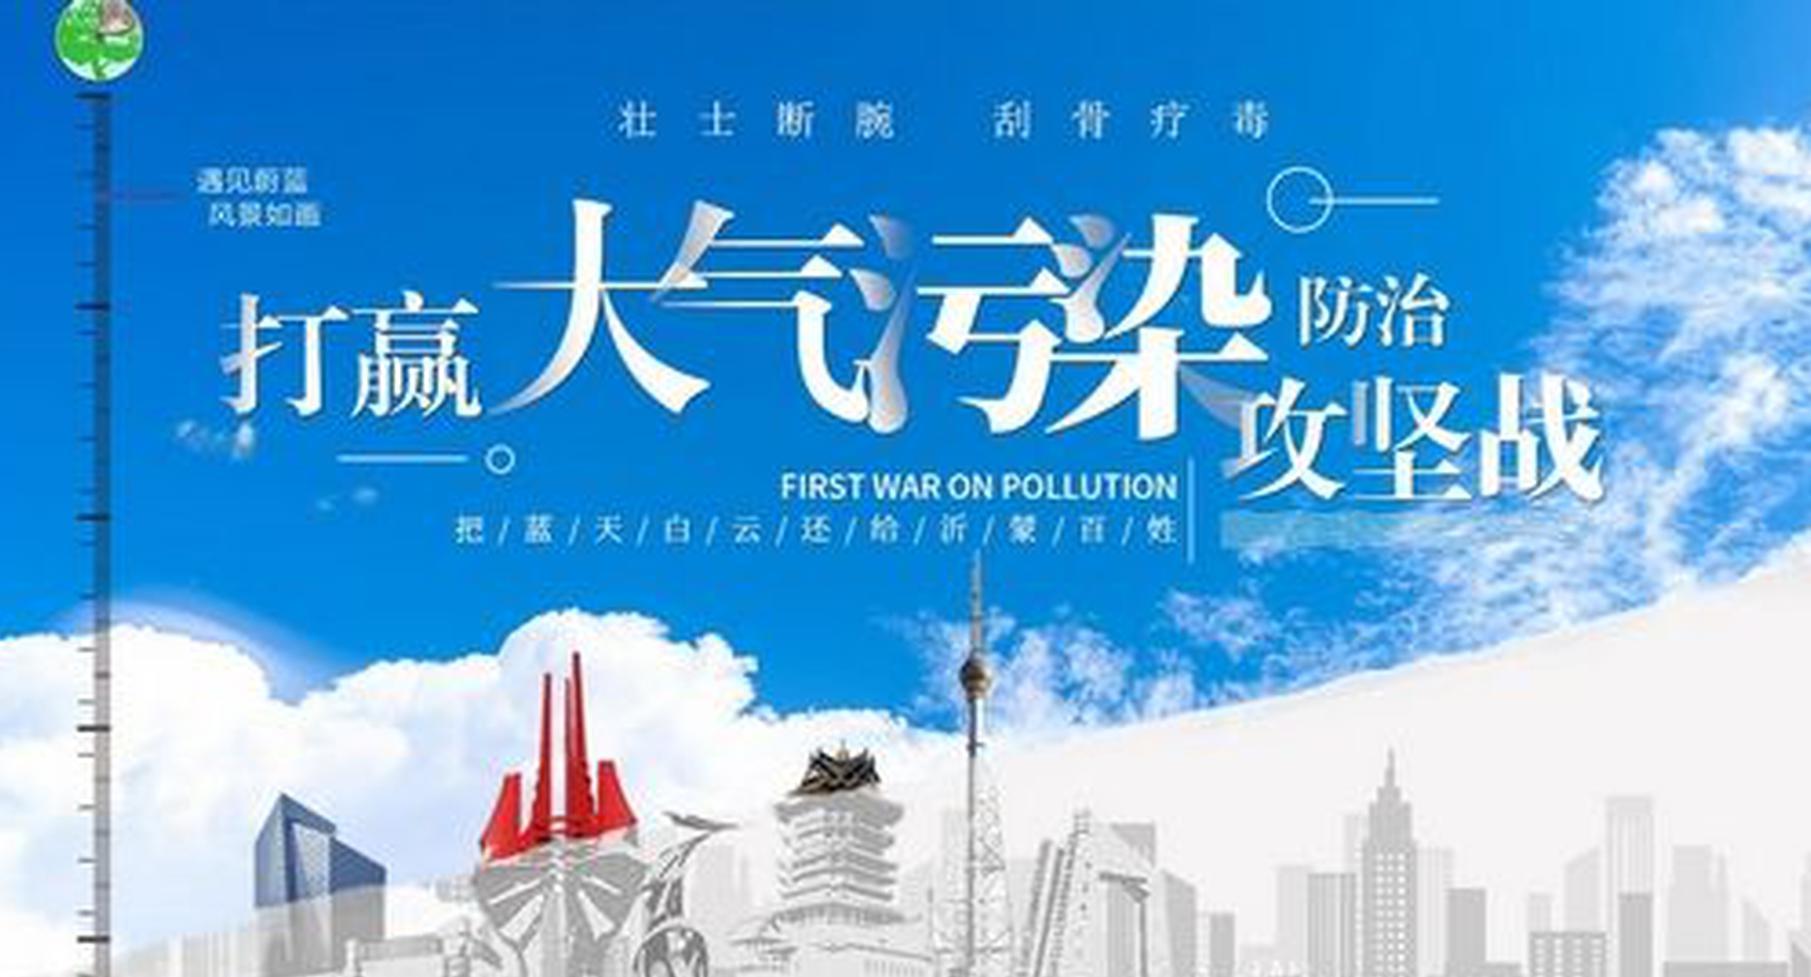 山西晋城狠抓落实打赢秋冬季大气污染防治攻坚战